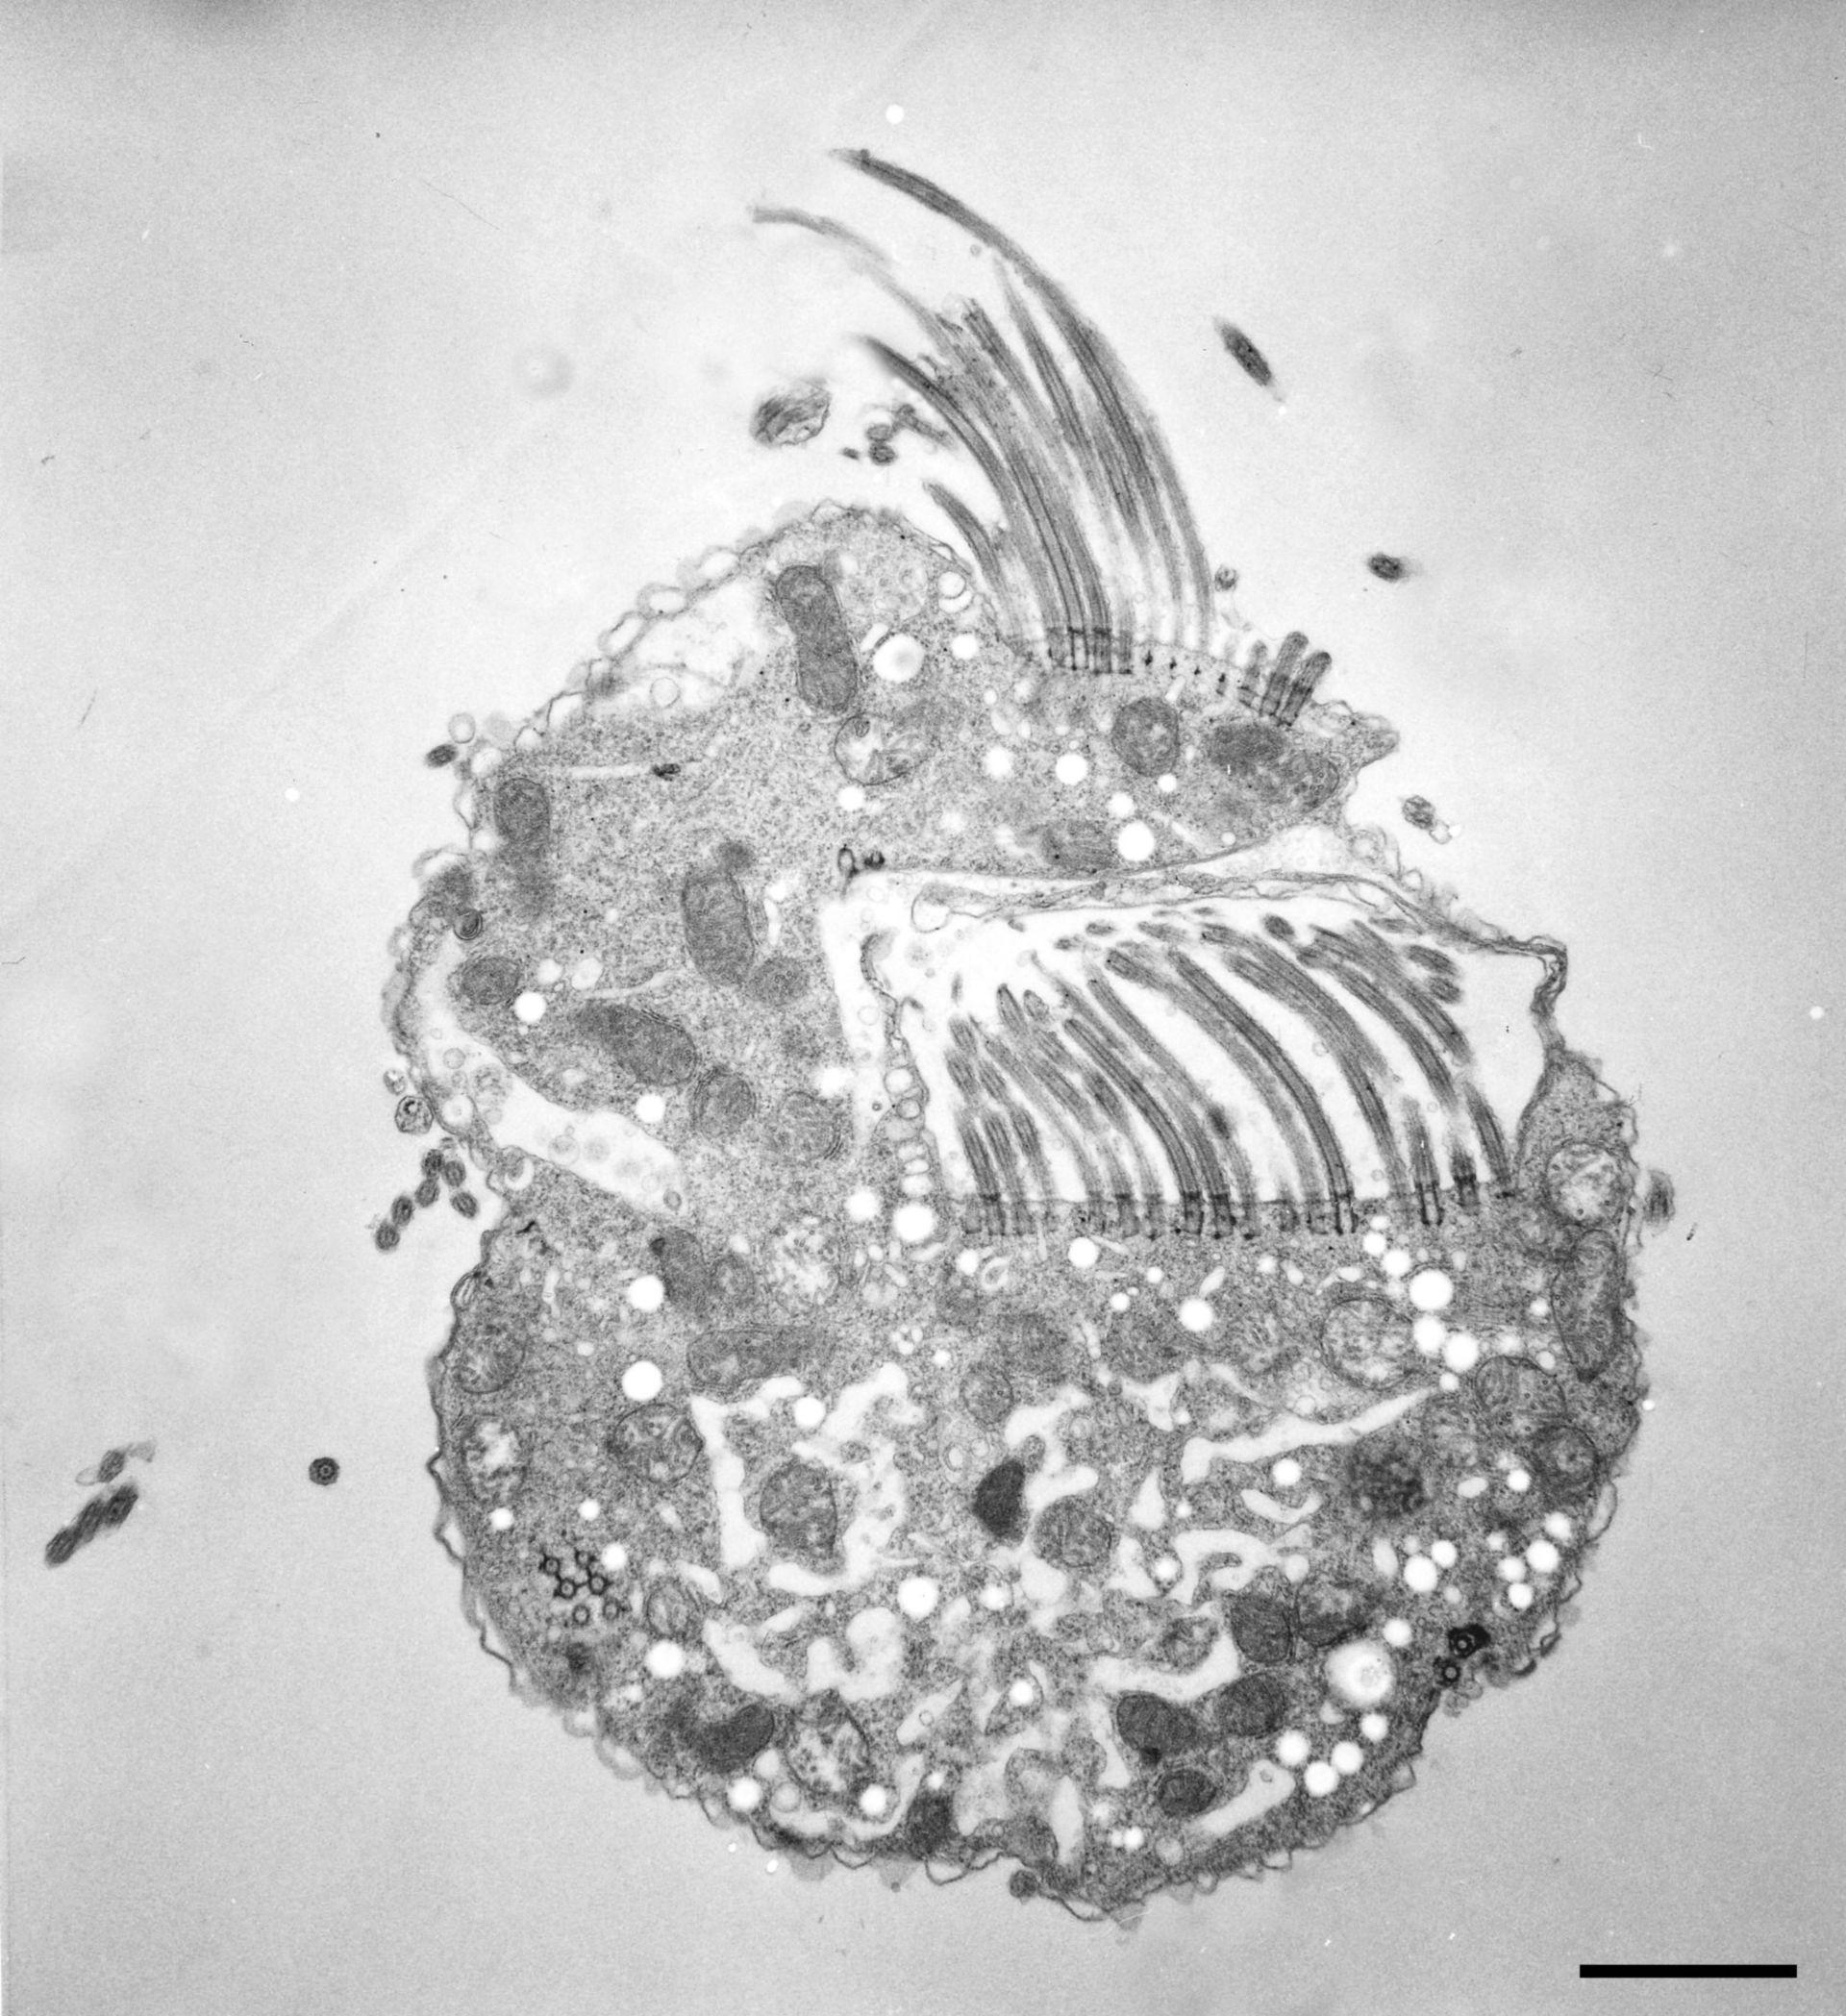 Halteria grandinella (citoplasma) - CIL:12320